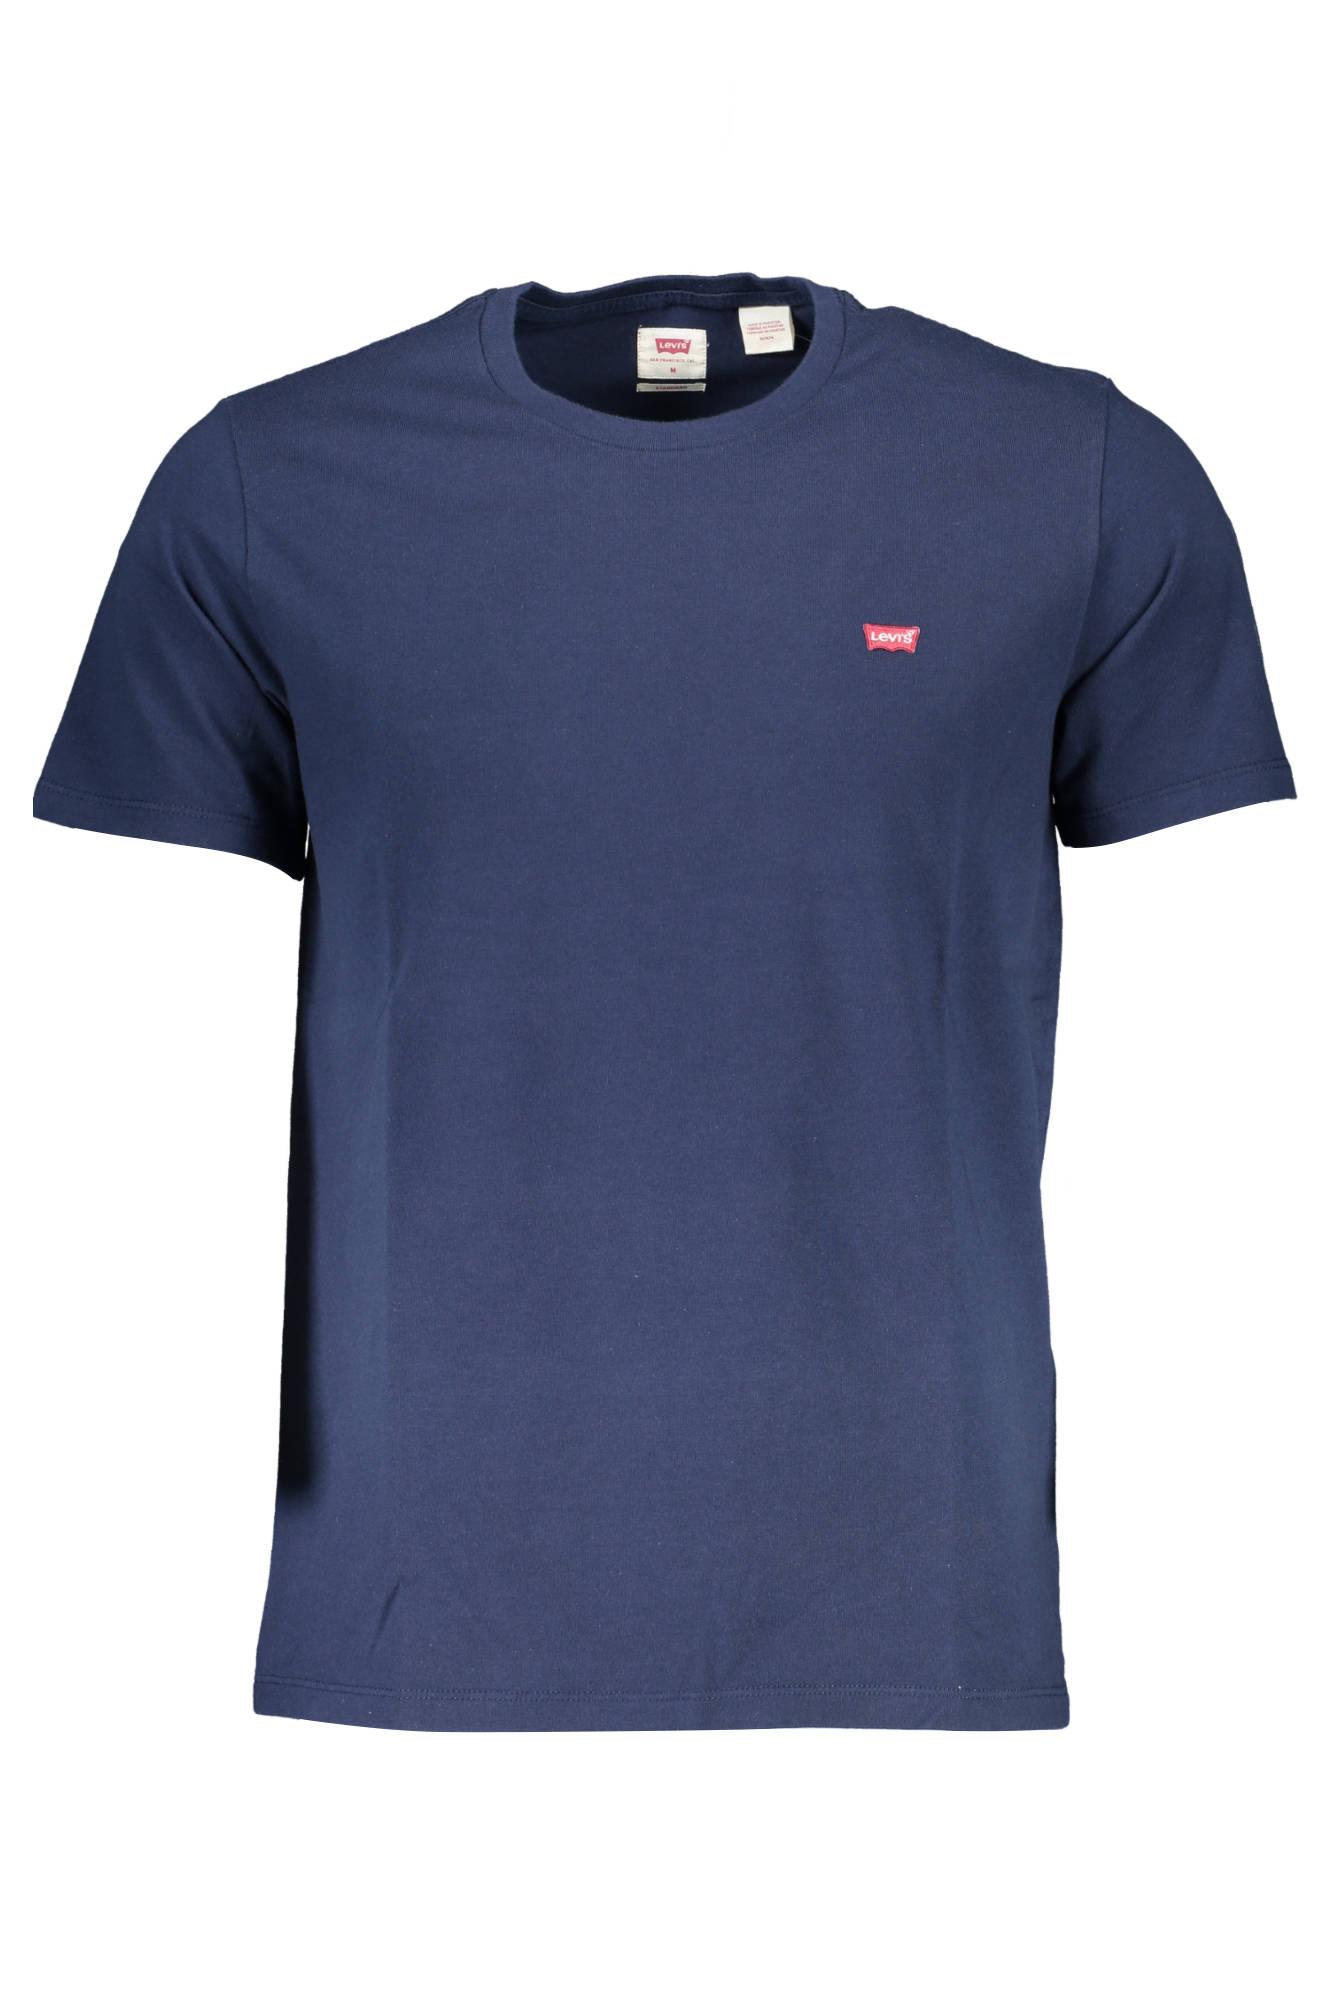 Tričko LEVI'S tričko s krátkým rukávem BLU